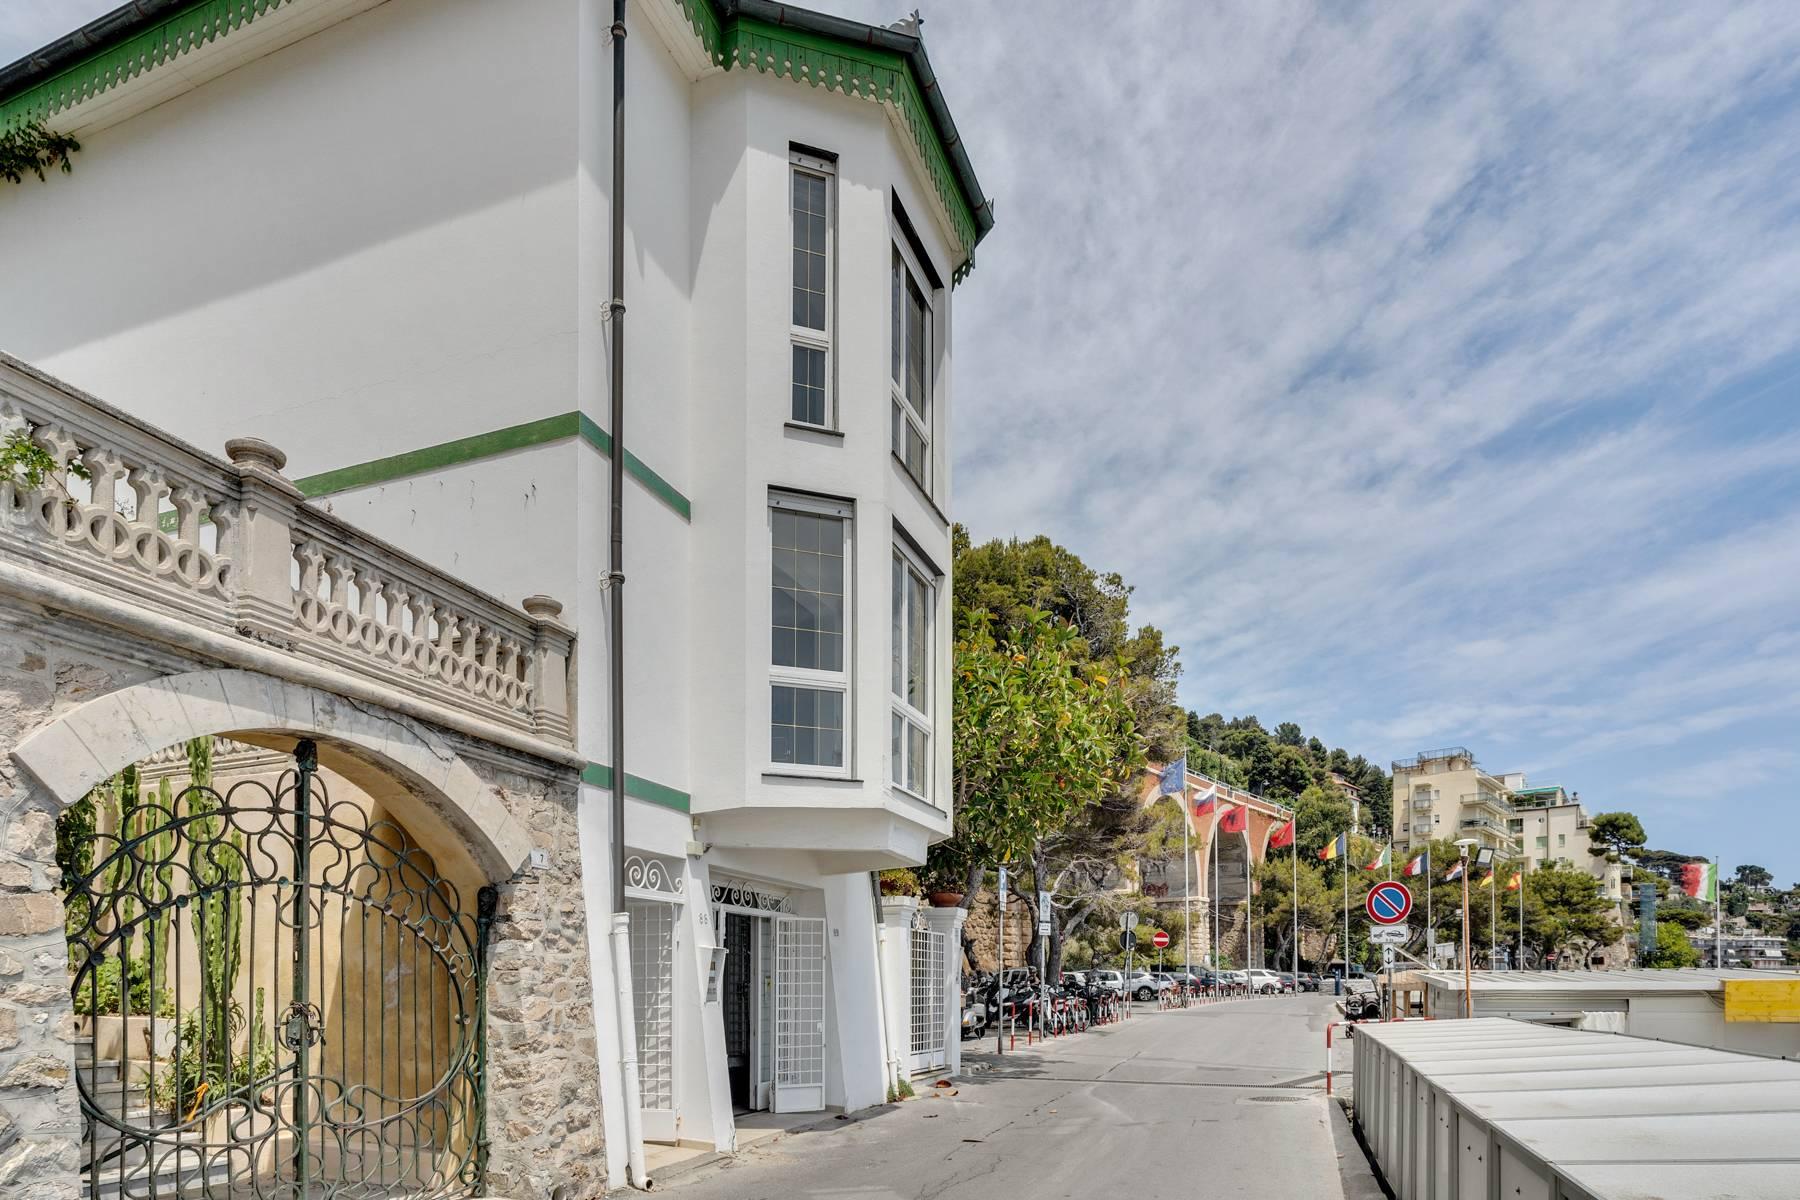 Casa indipendente in Vendita a Alassio: 5 locali, 230 mq - Foto 2